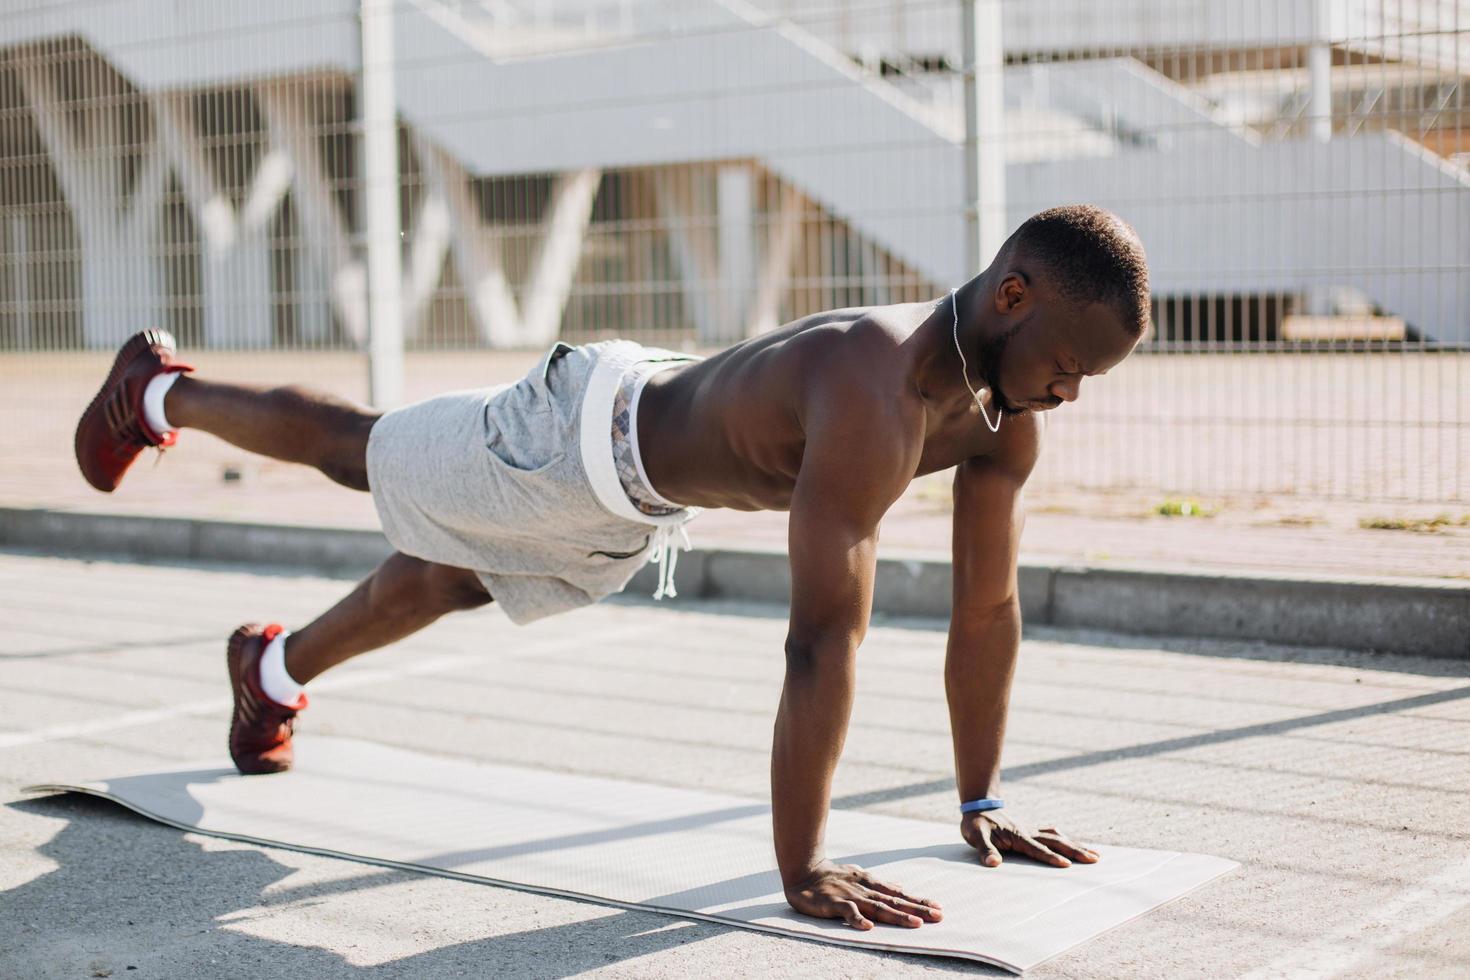 zwarte man doet oefeningen buiten foto